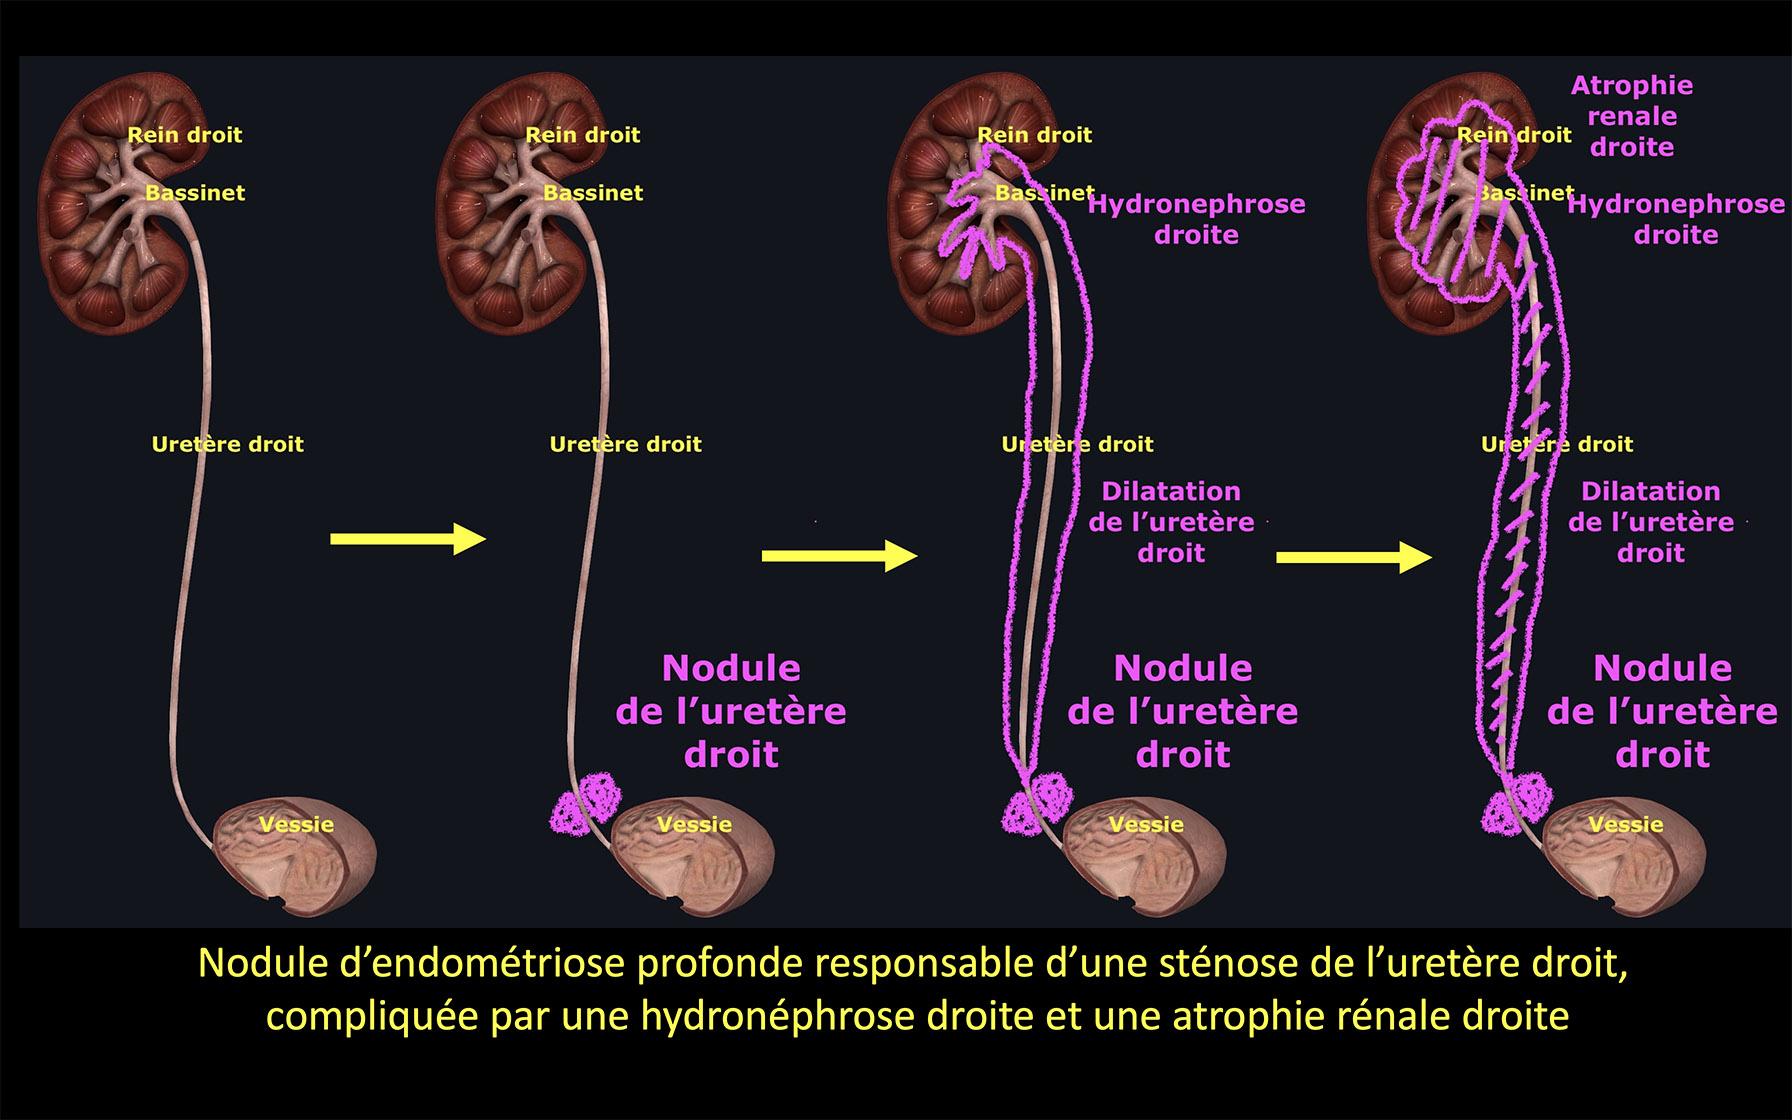 Endométriose urologique schéma